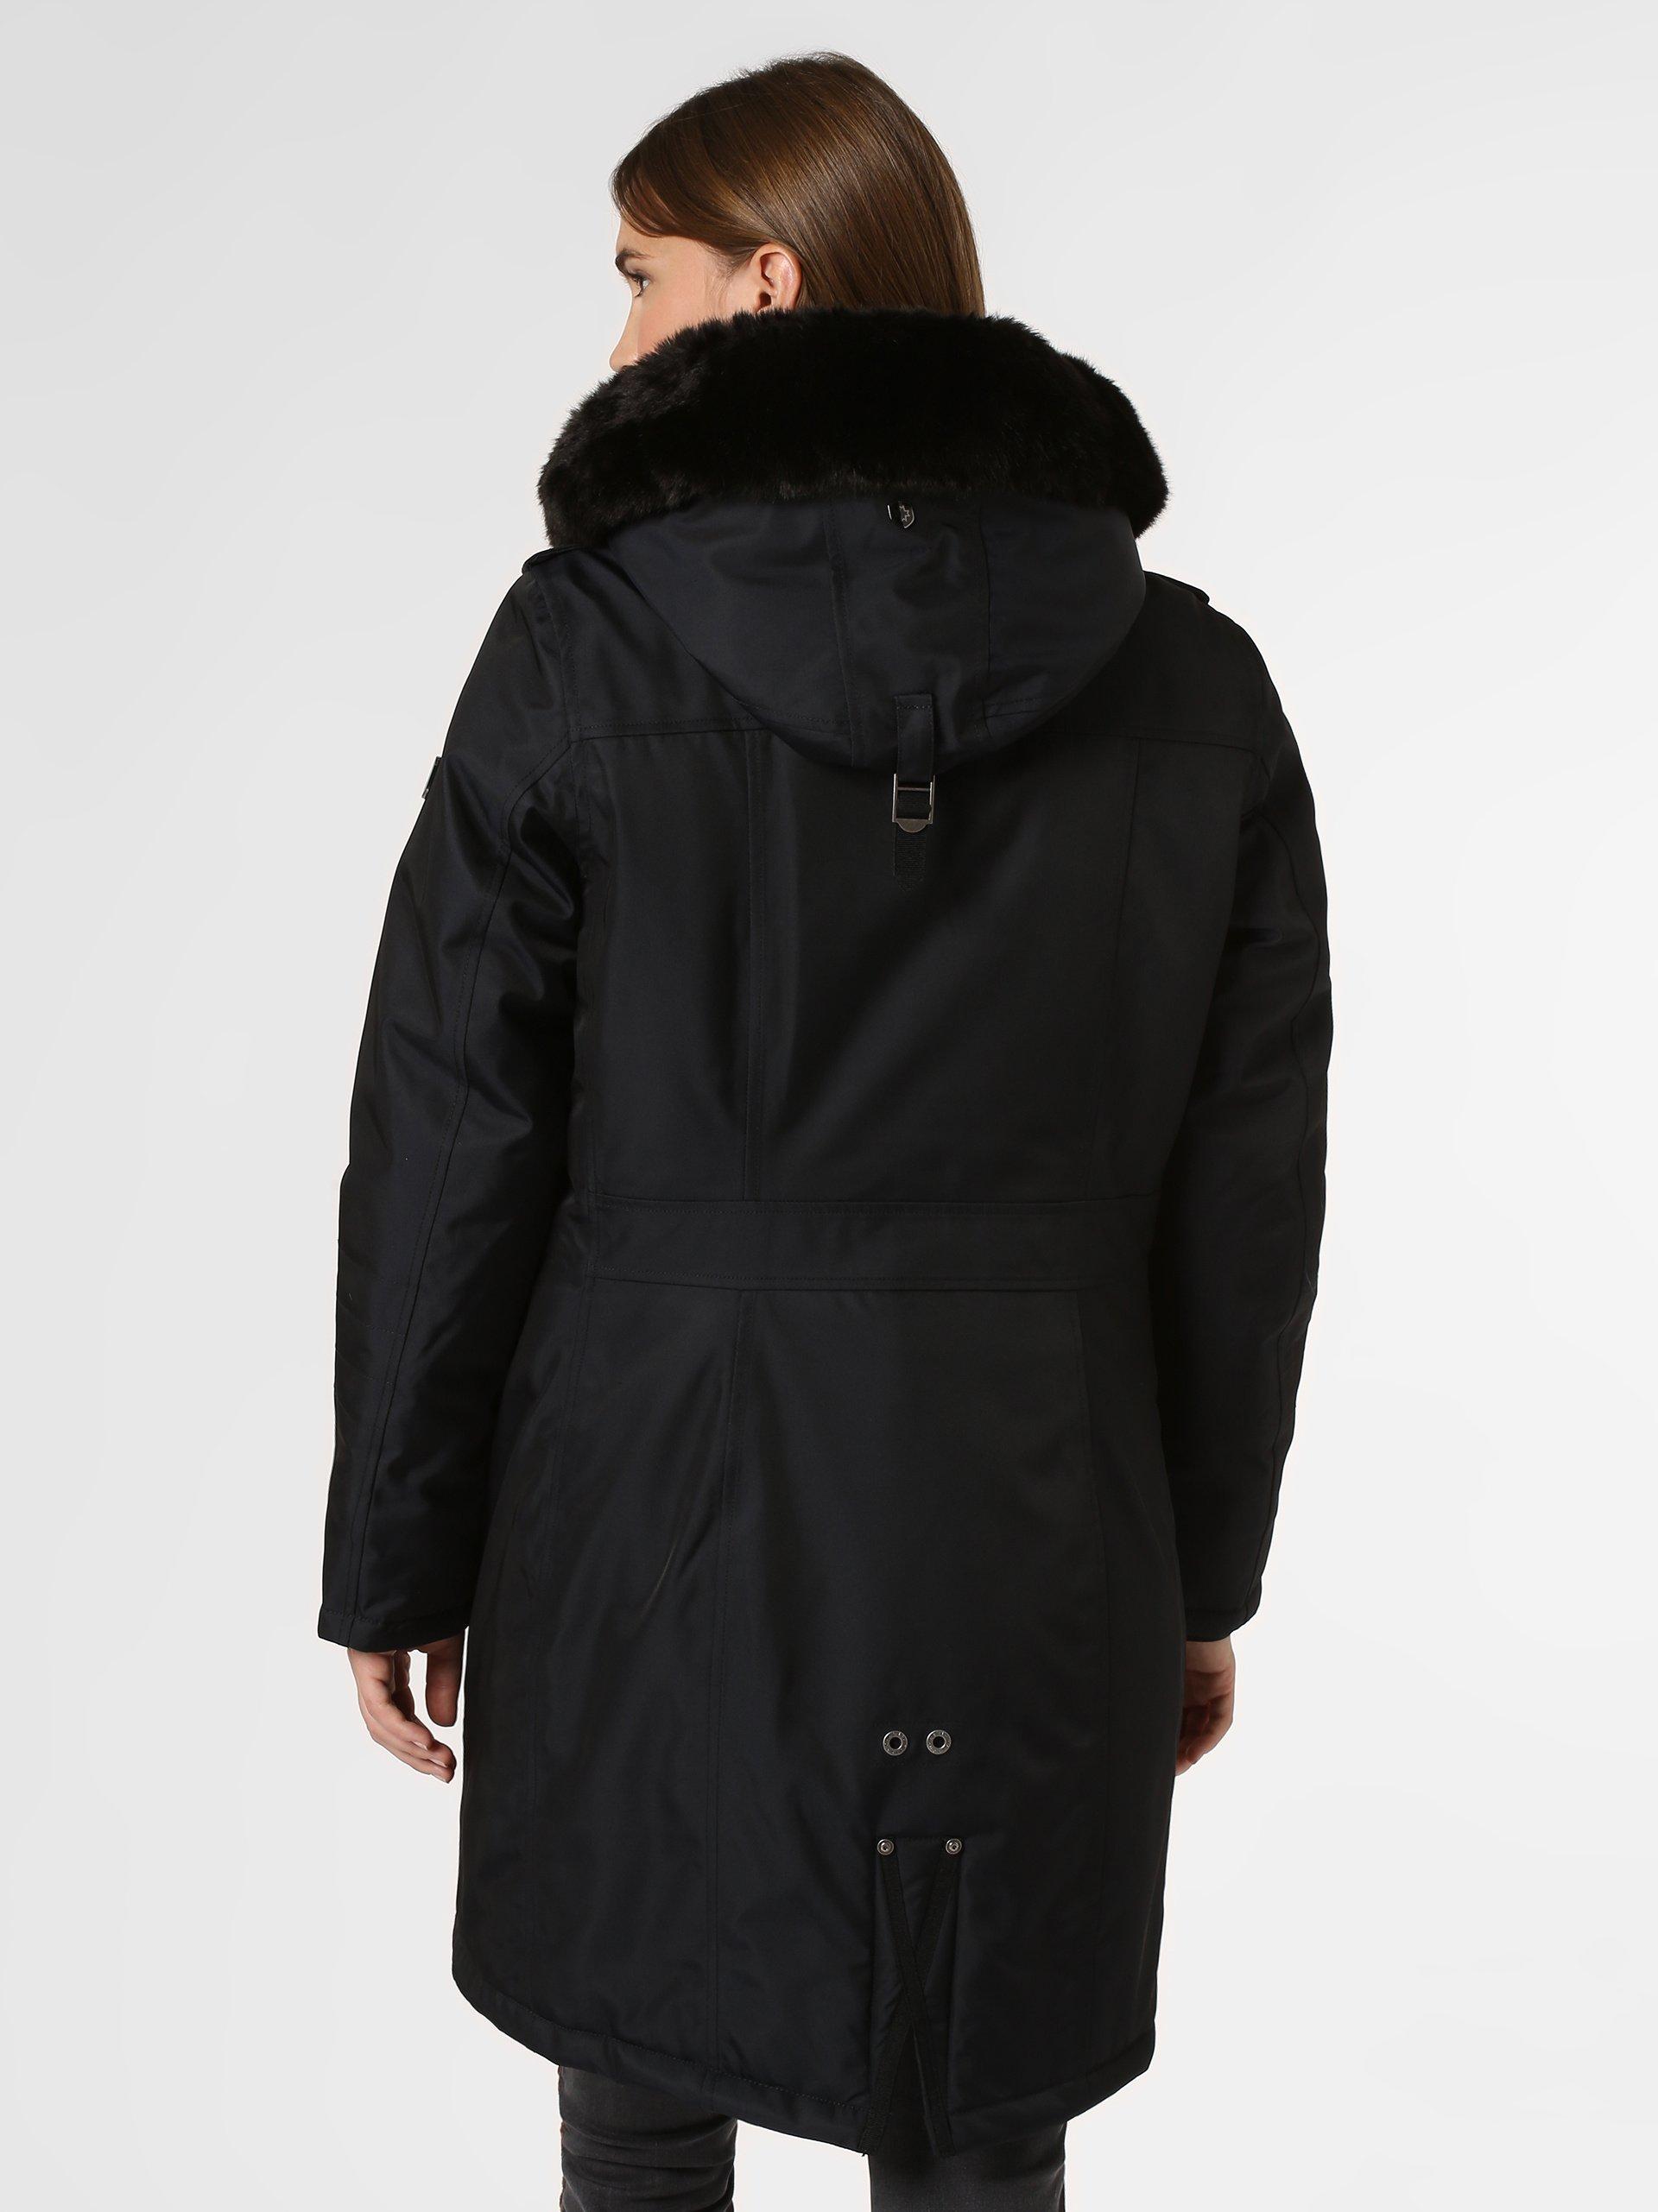 Wellensteyn Damski płaszcz funkcyjny – Delicy